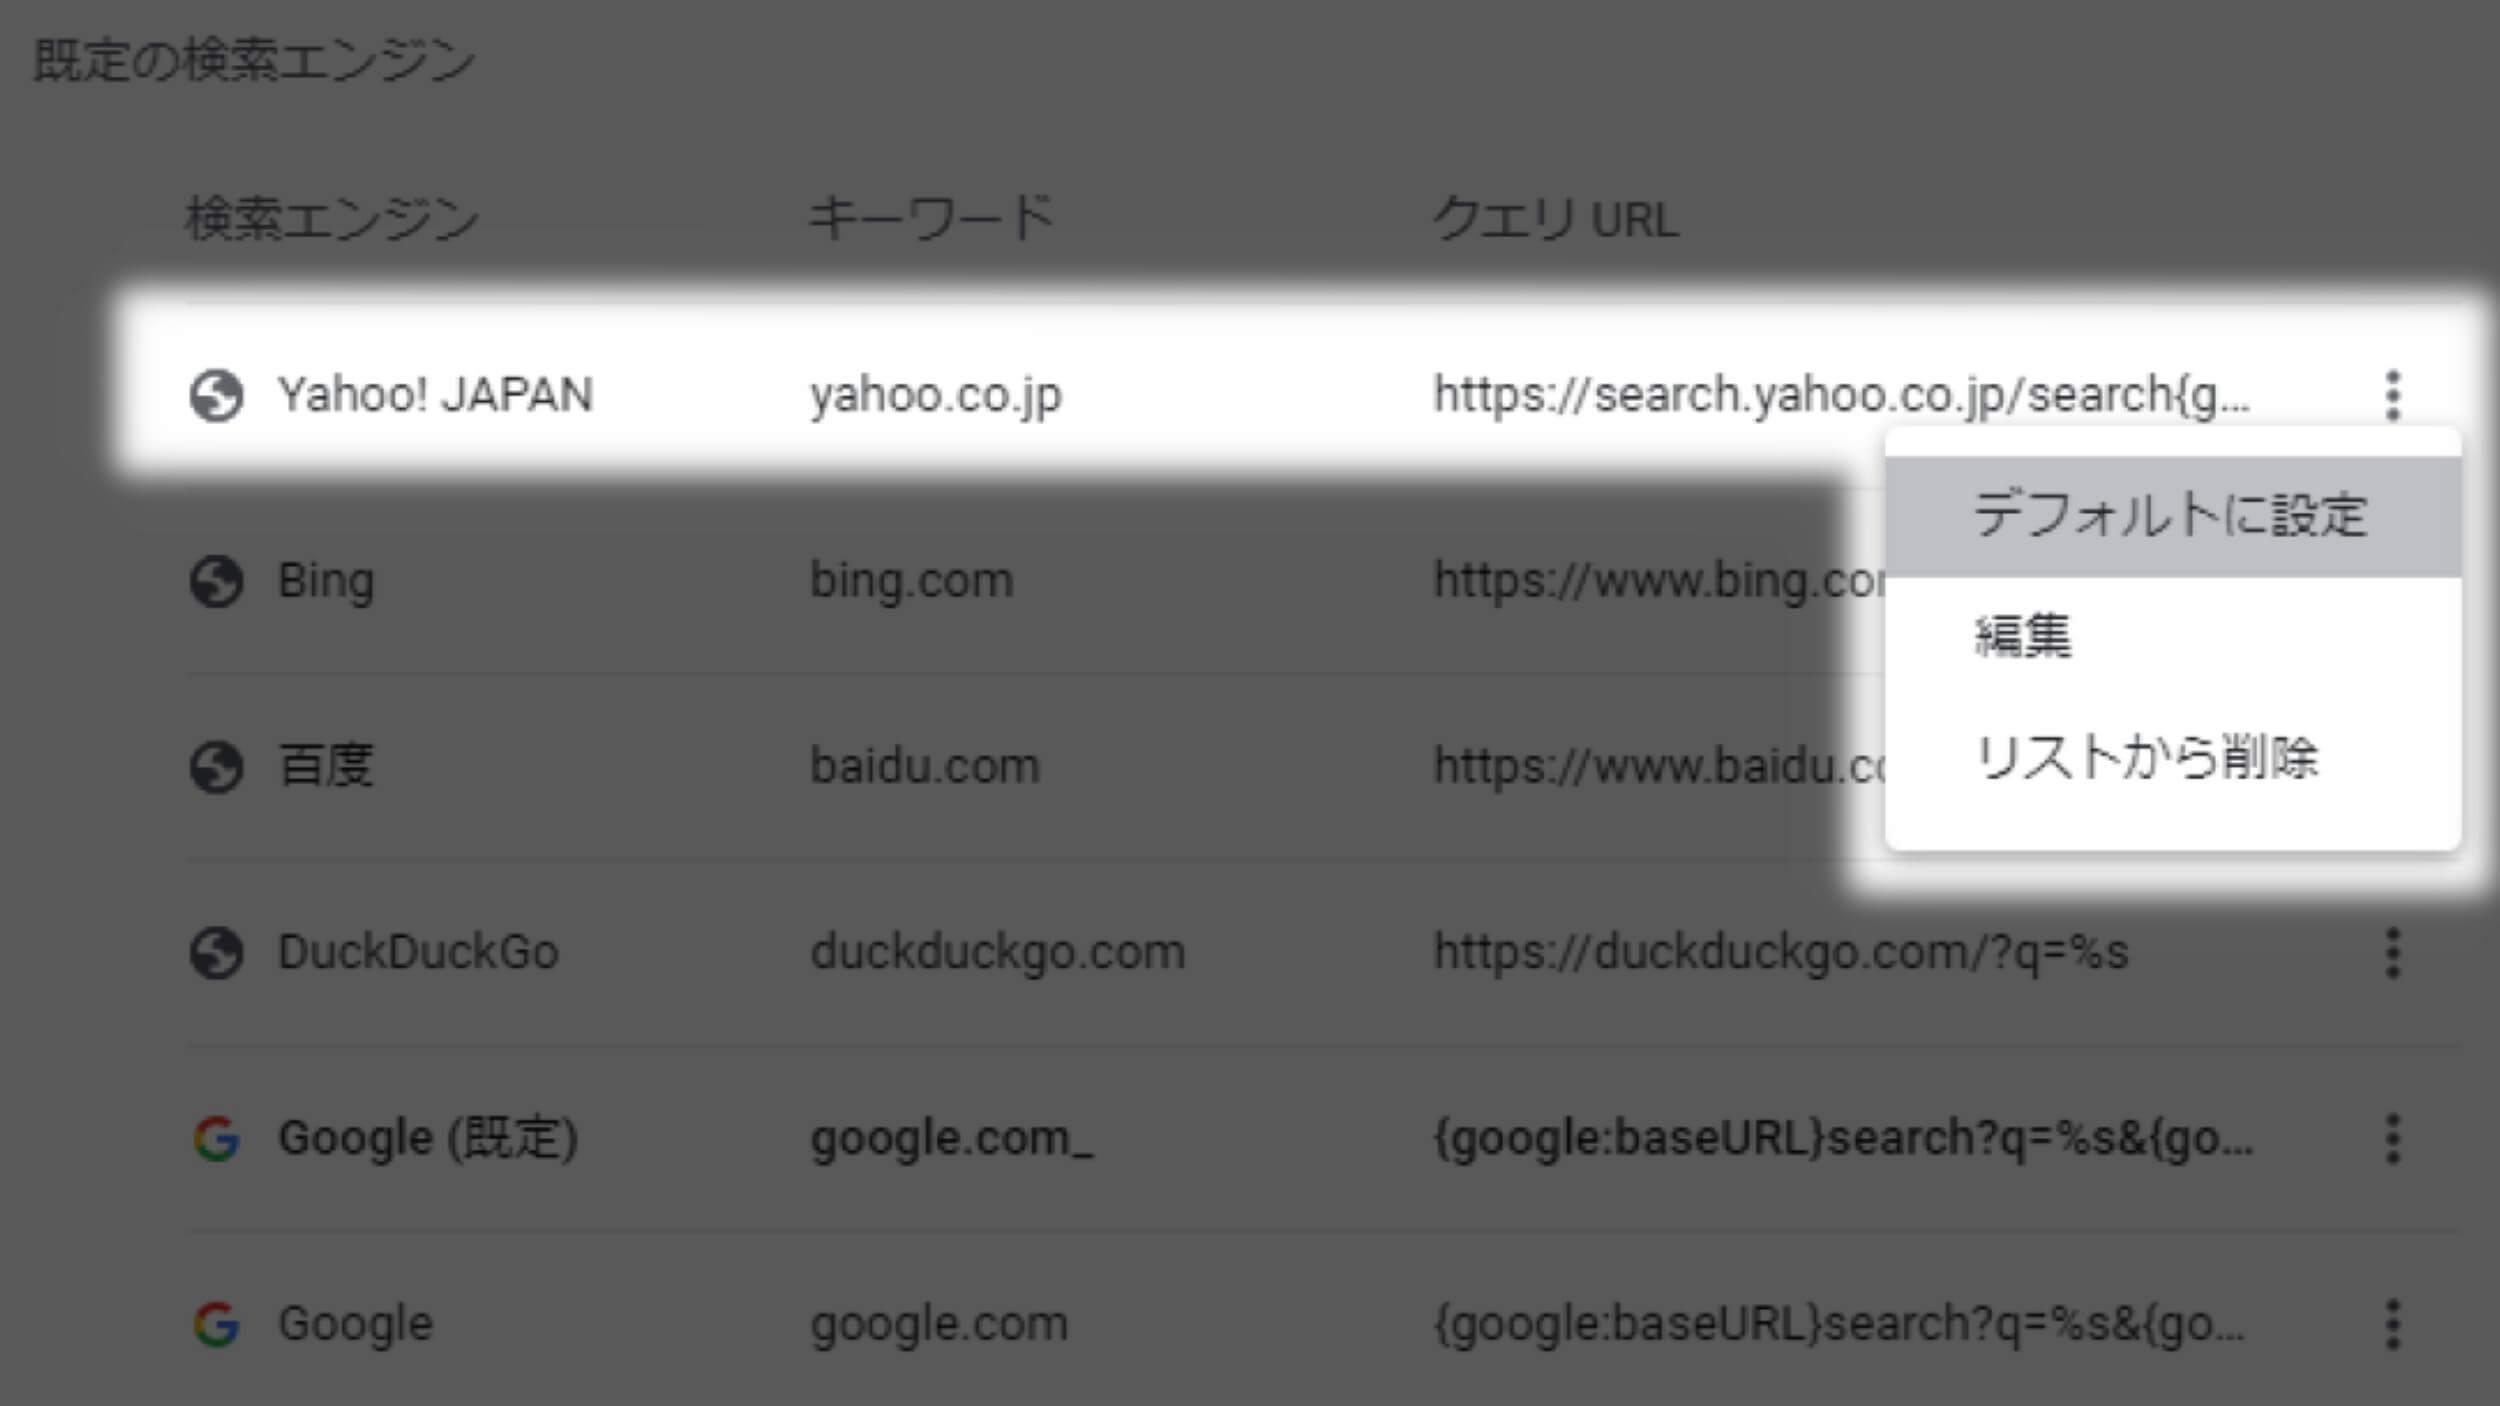 GoogleChrome設定→検索エンジン→既定の検索エンジンをYahooに設定